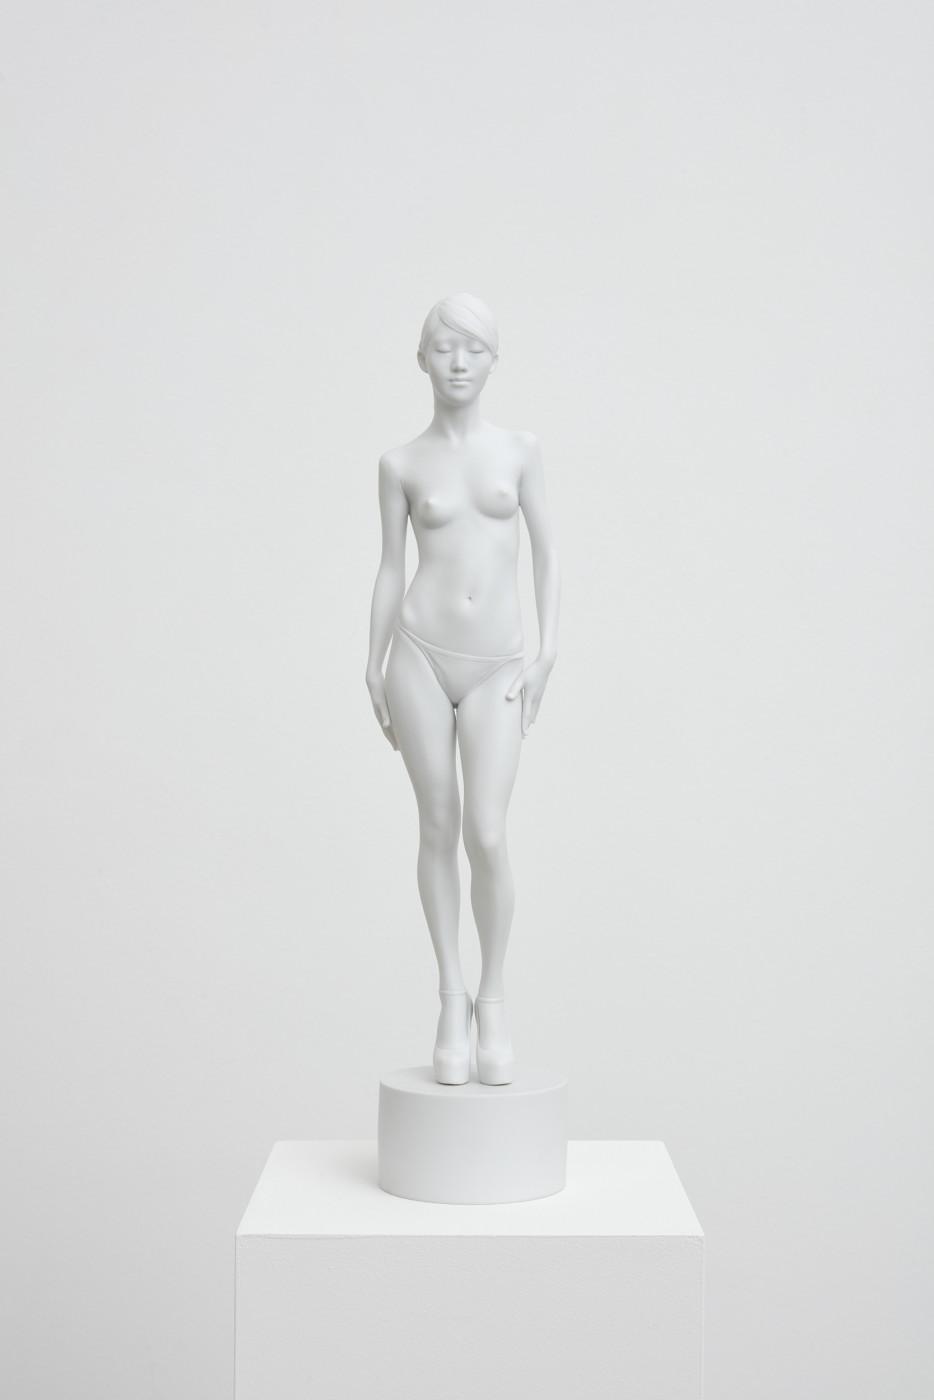 """<div class=""""artwork_caption""""><div class=""""title""""><em>Yoko XXXVI</em>, 2013</div><div class=""""medium"""">porcelain</div><div class=""""dimensions"""">41.0 x 9.4 cm<br />16 1/8 x 3 11/16 in.</div></div>"""